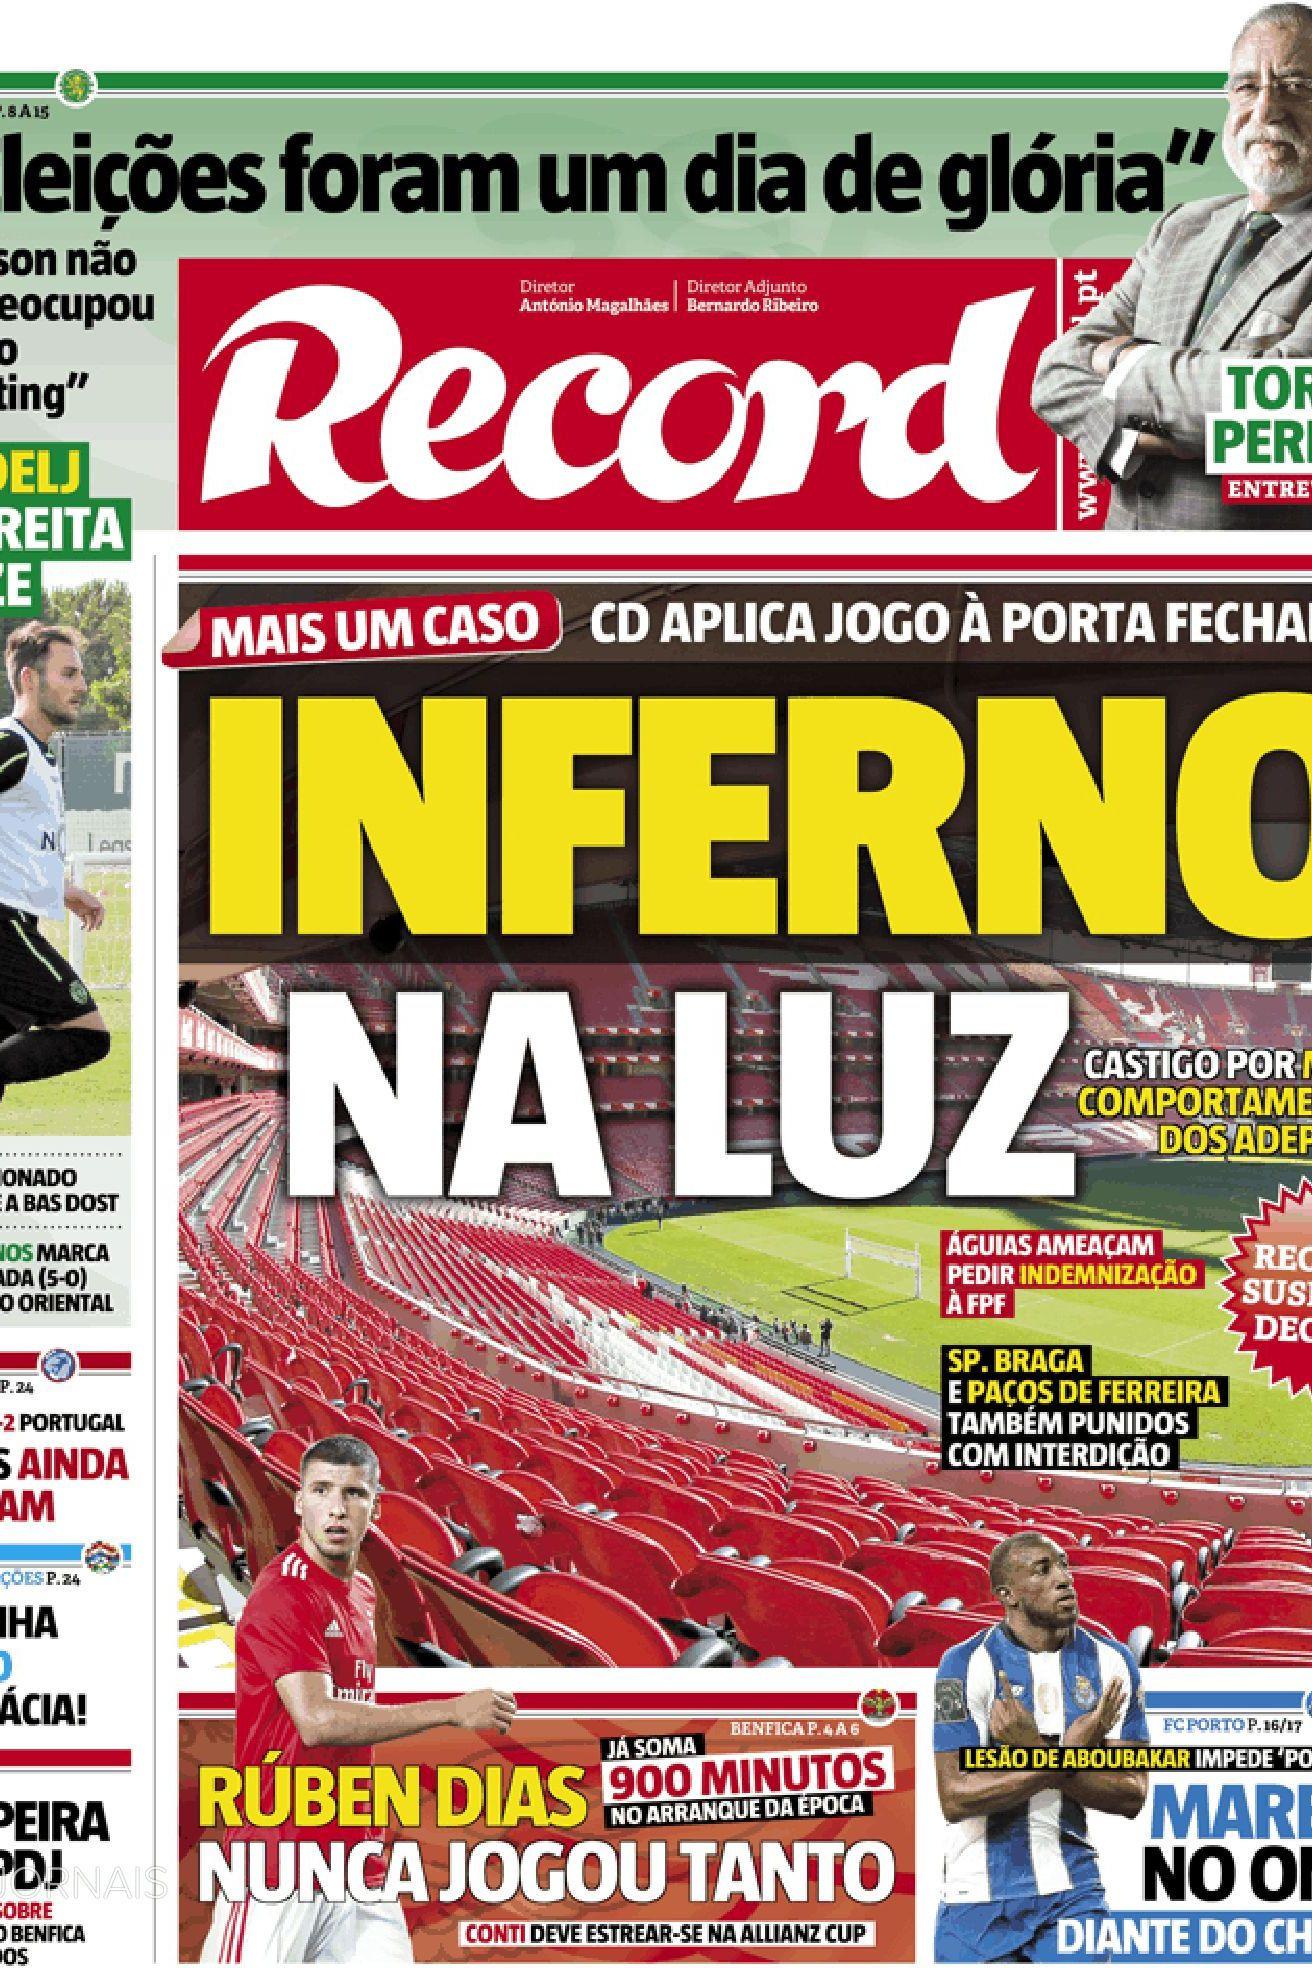 Imprensa nacional: Mais uma polémica a deixar o futebol... num 'inferno'